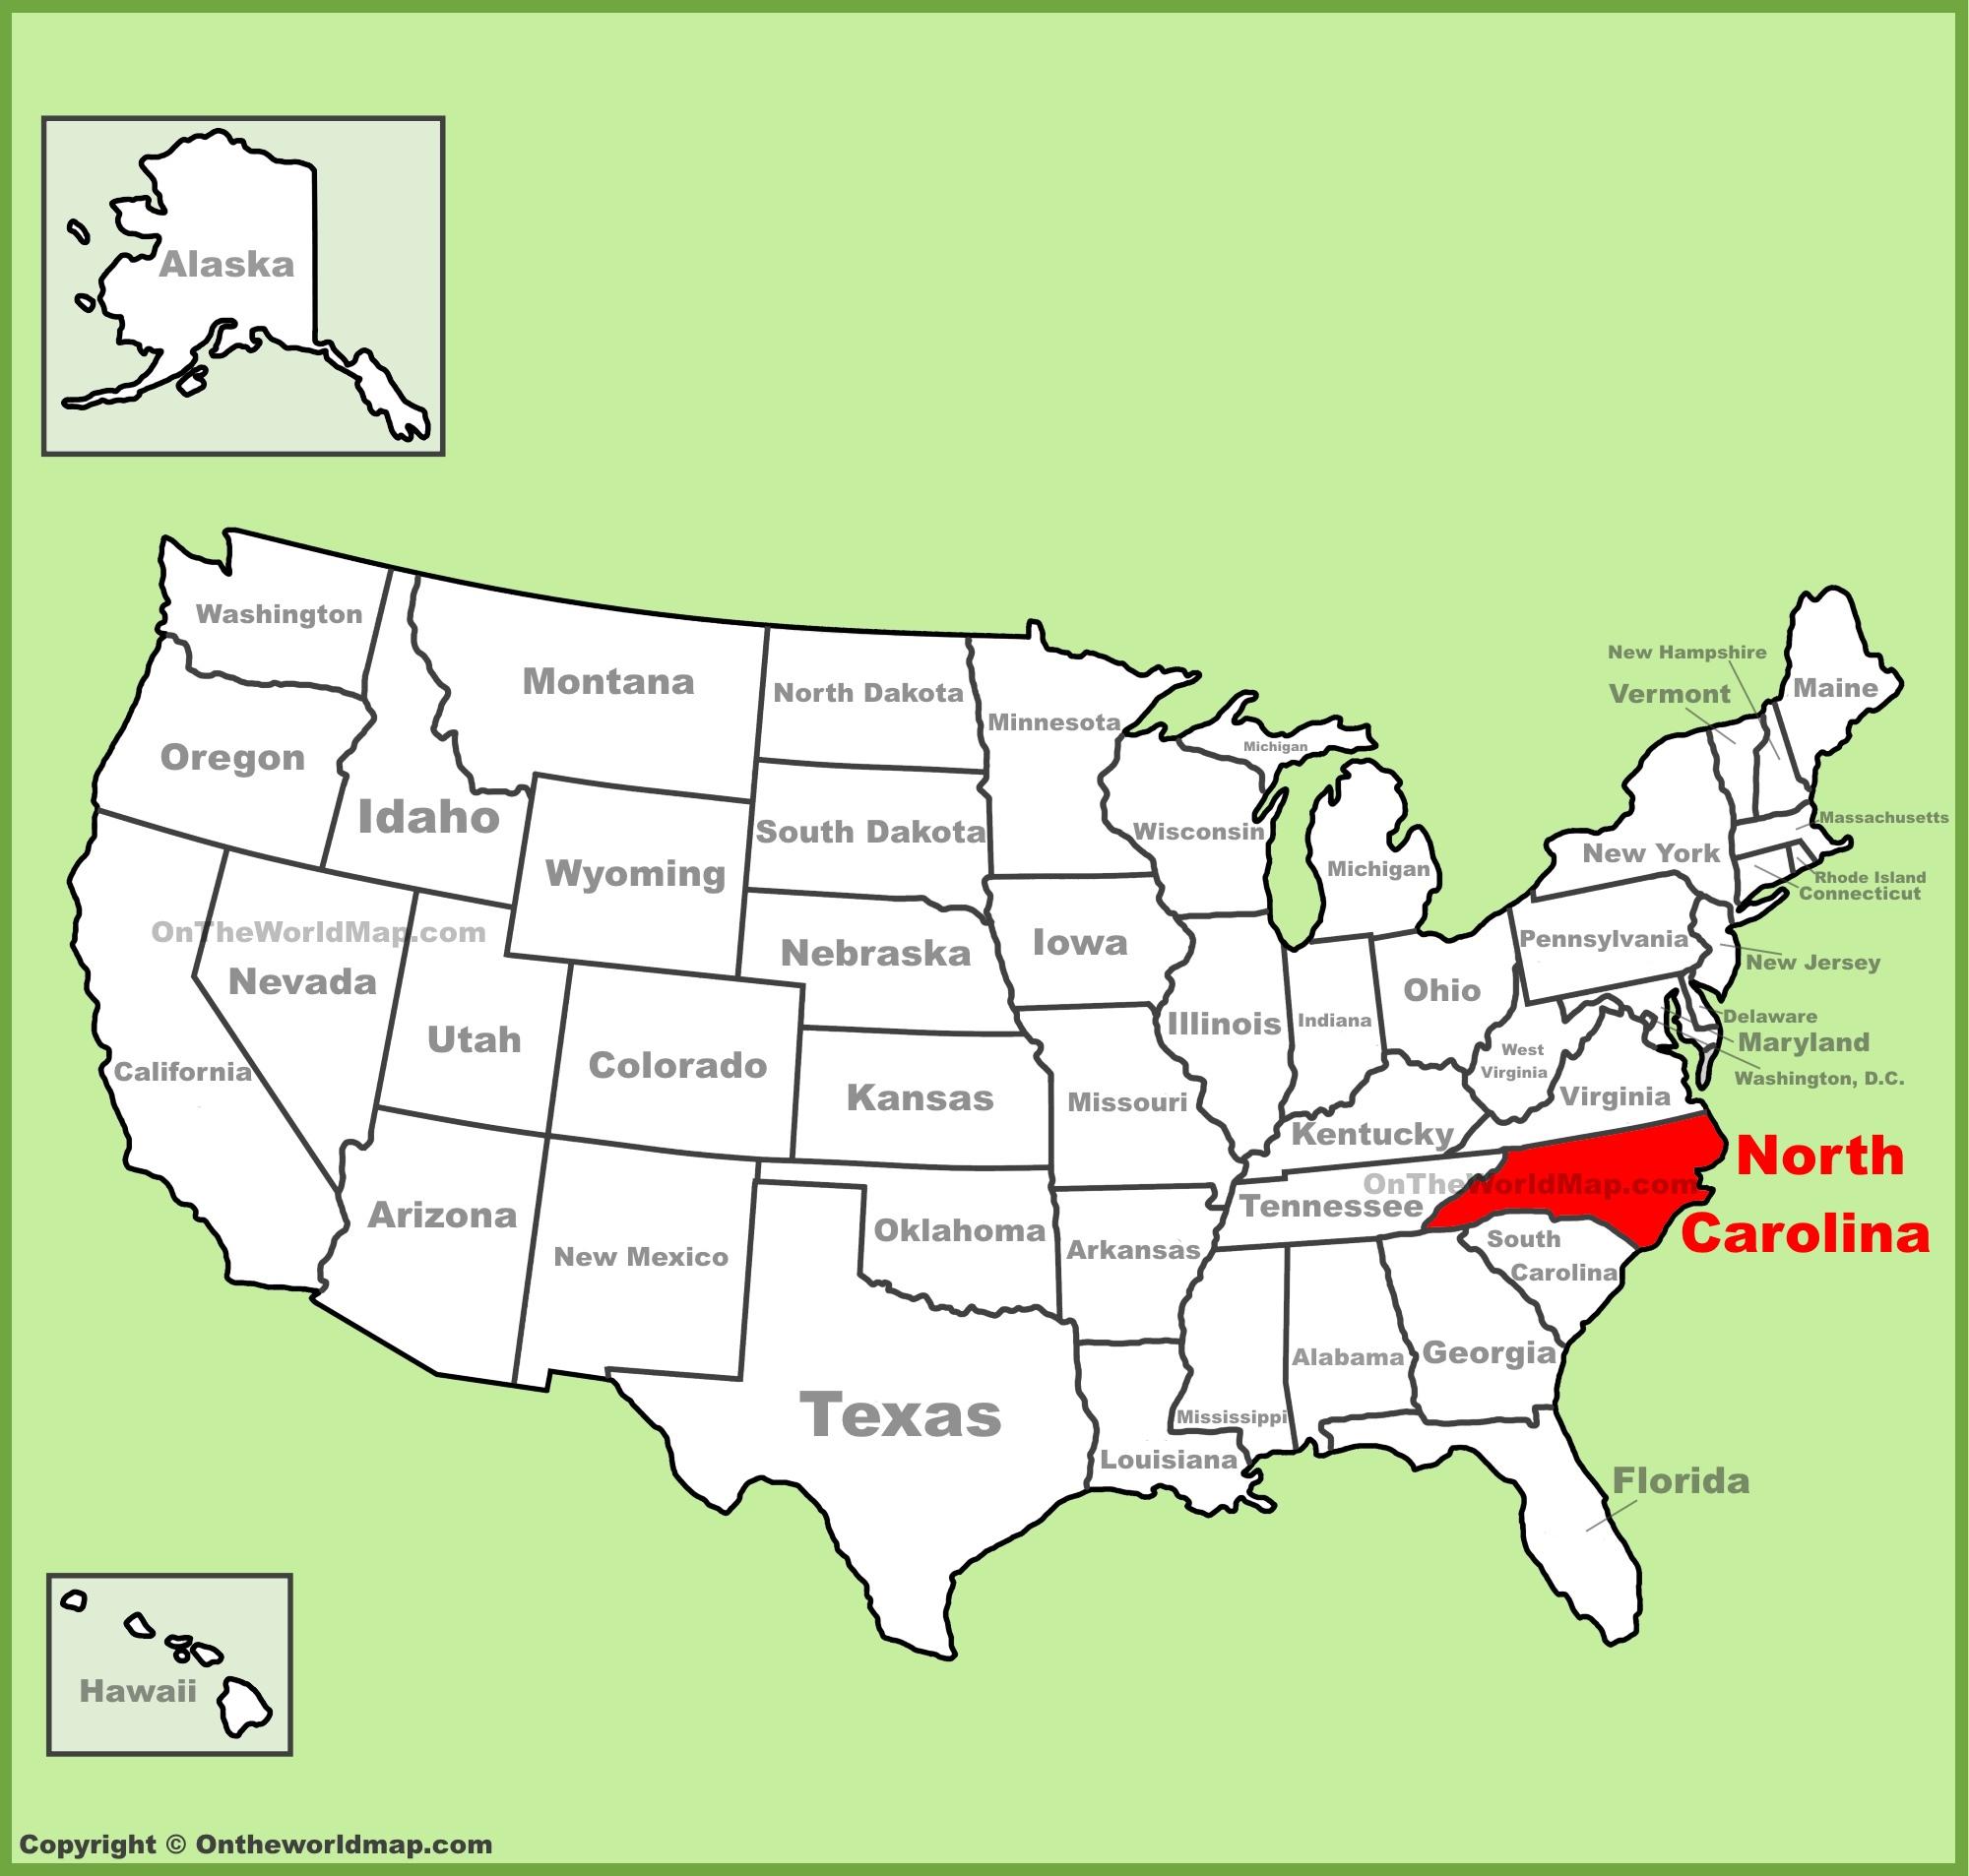 North Carolina State Maps | USA | Maps of North Carolina (NC)